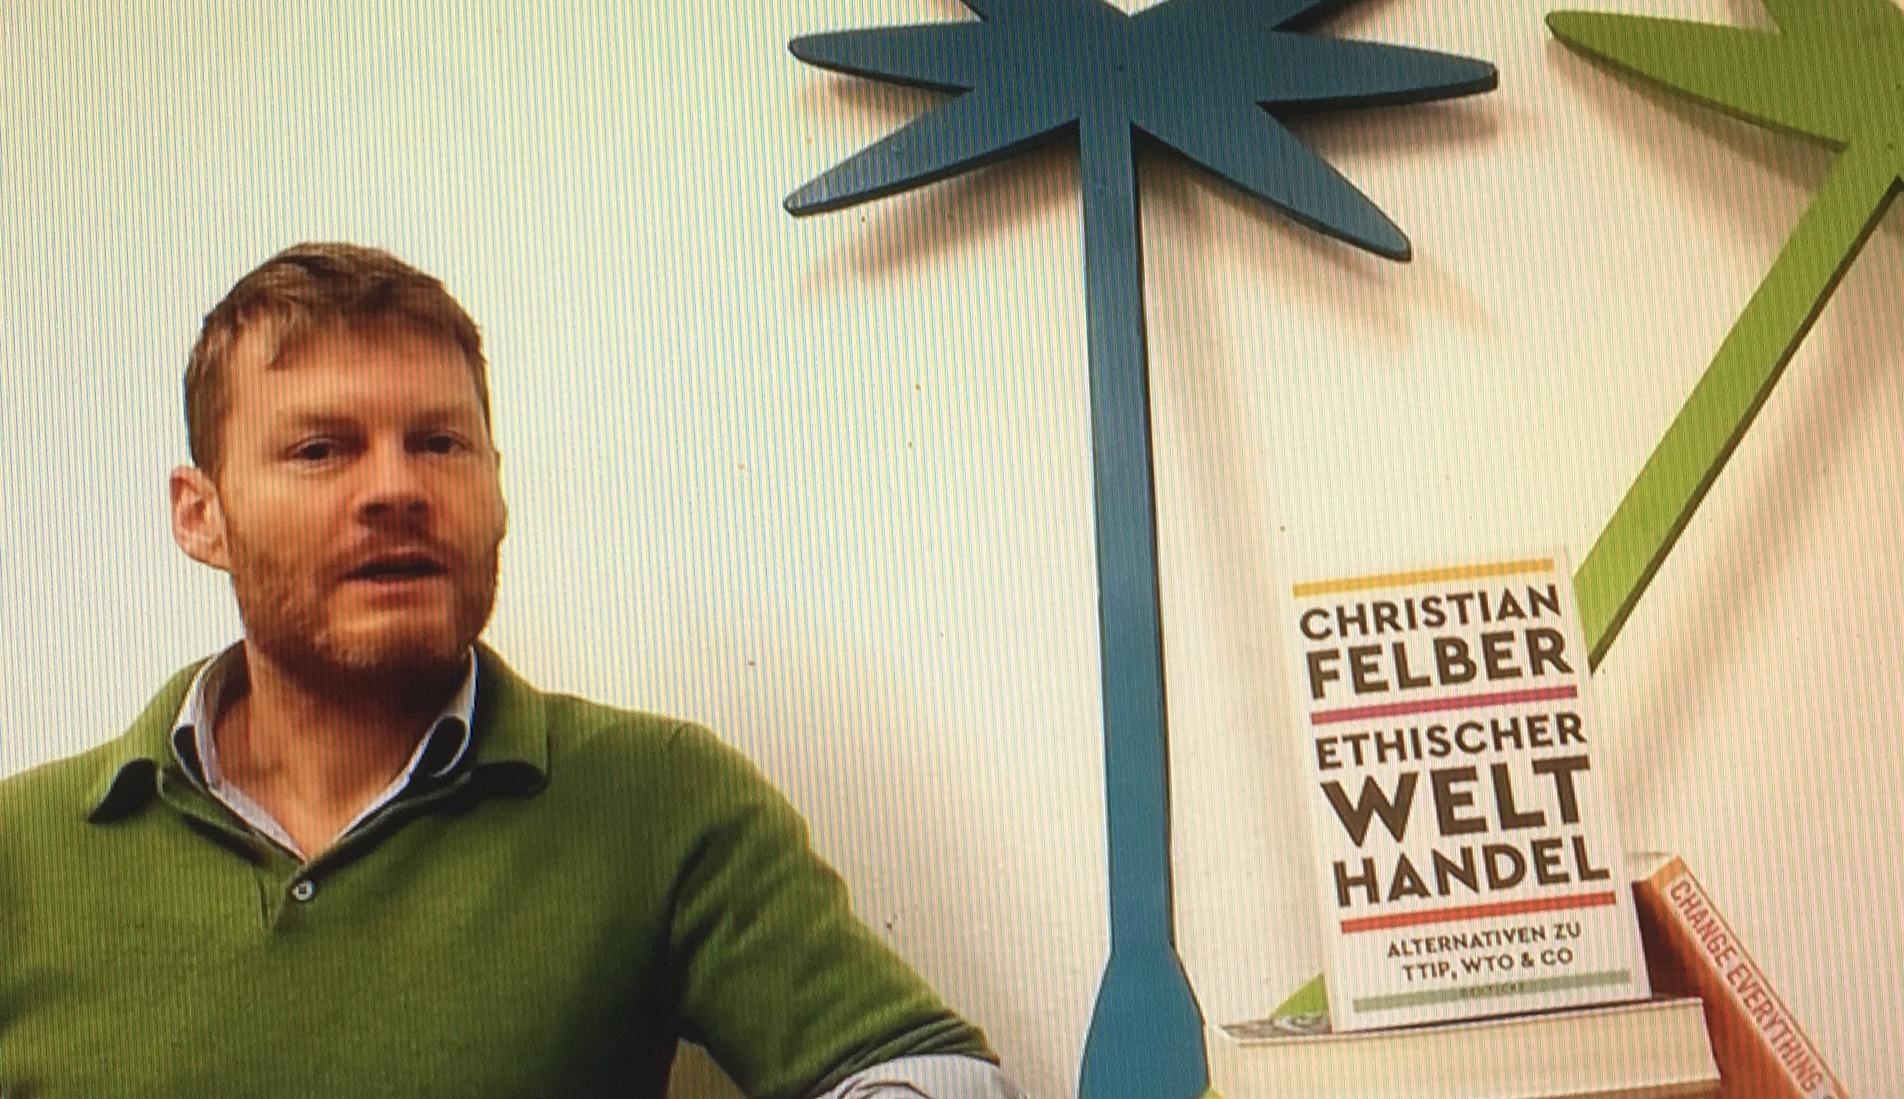 """Christian Felber: neues Buch """"Ethischer Welthandel - Eine Alternative zu Freihandel und Protektionismus"""" (www.ethischerwelthandel.info)"""